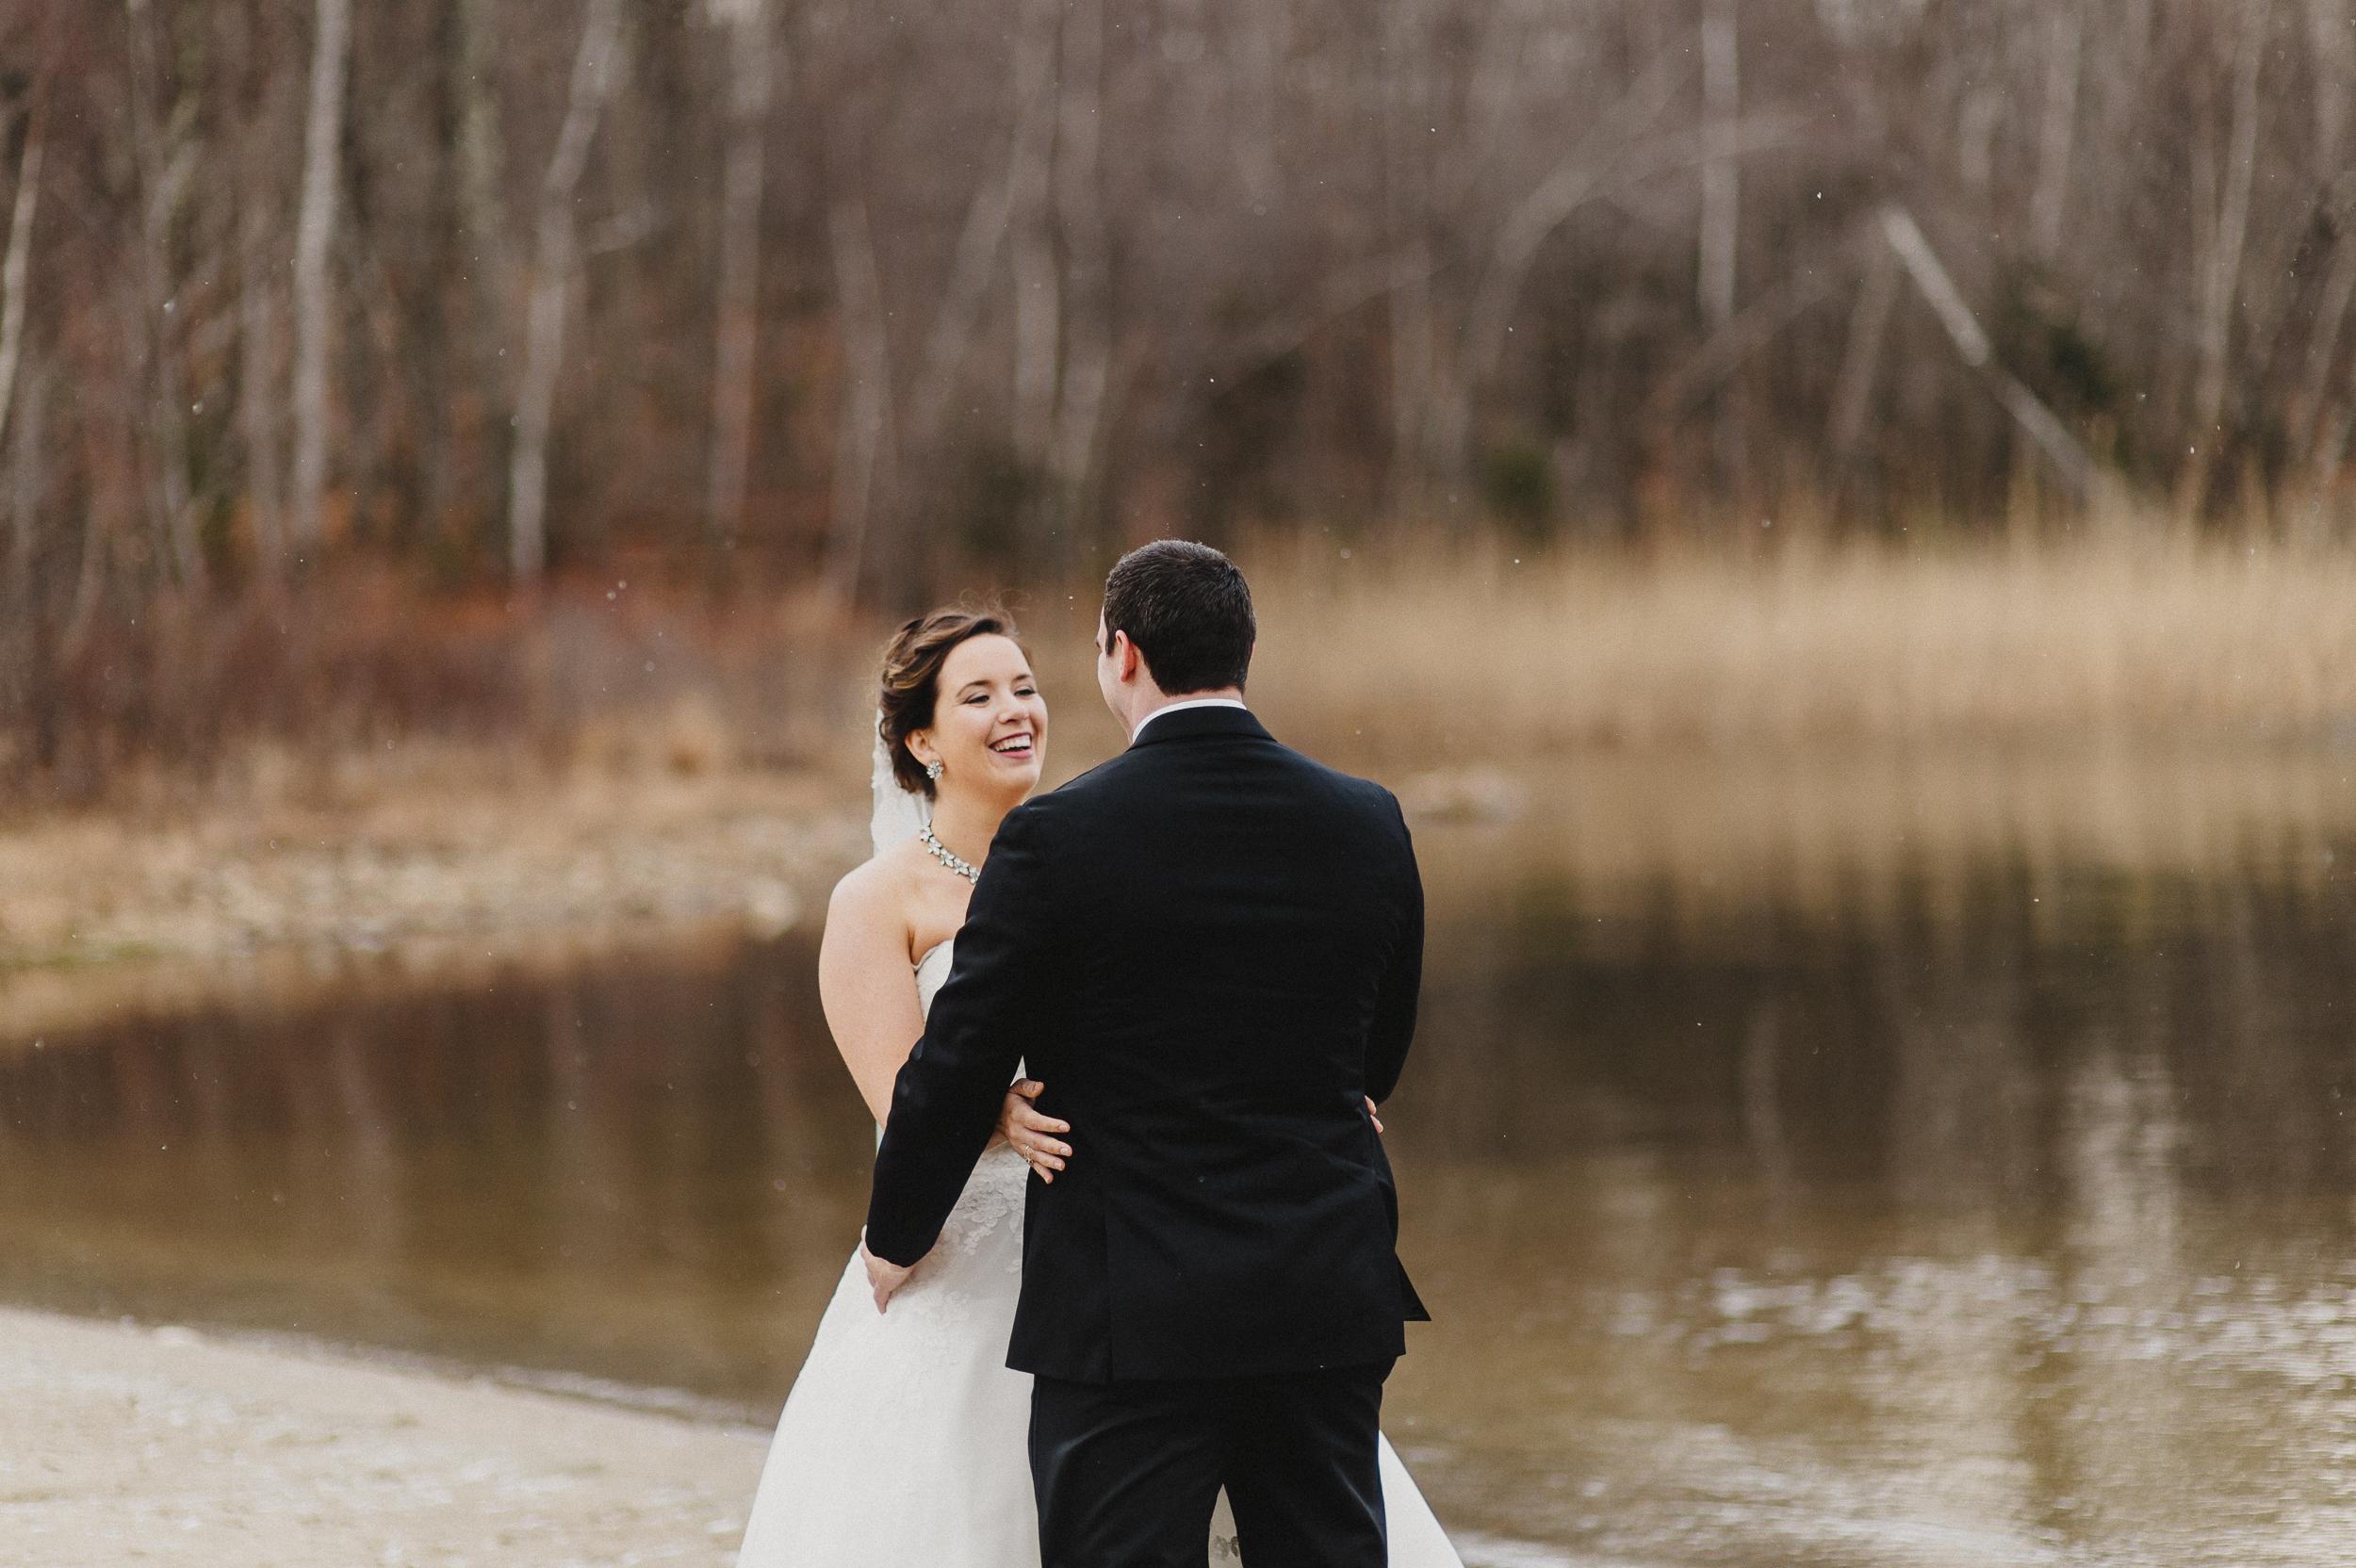 vermont-destination-wedding-photographer-21.jpg